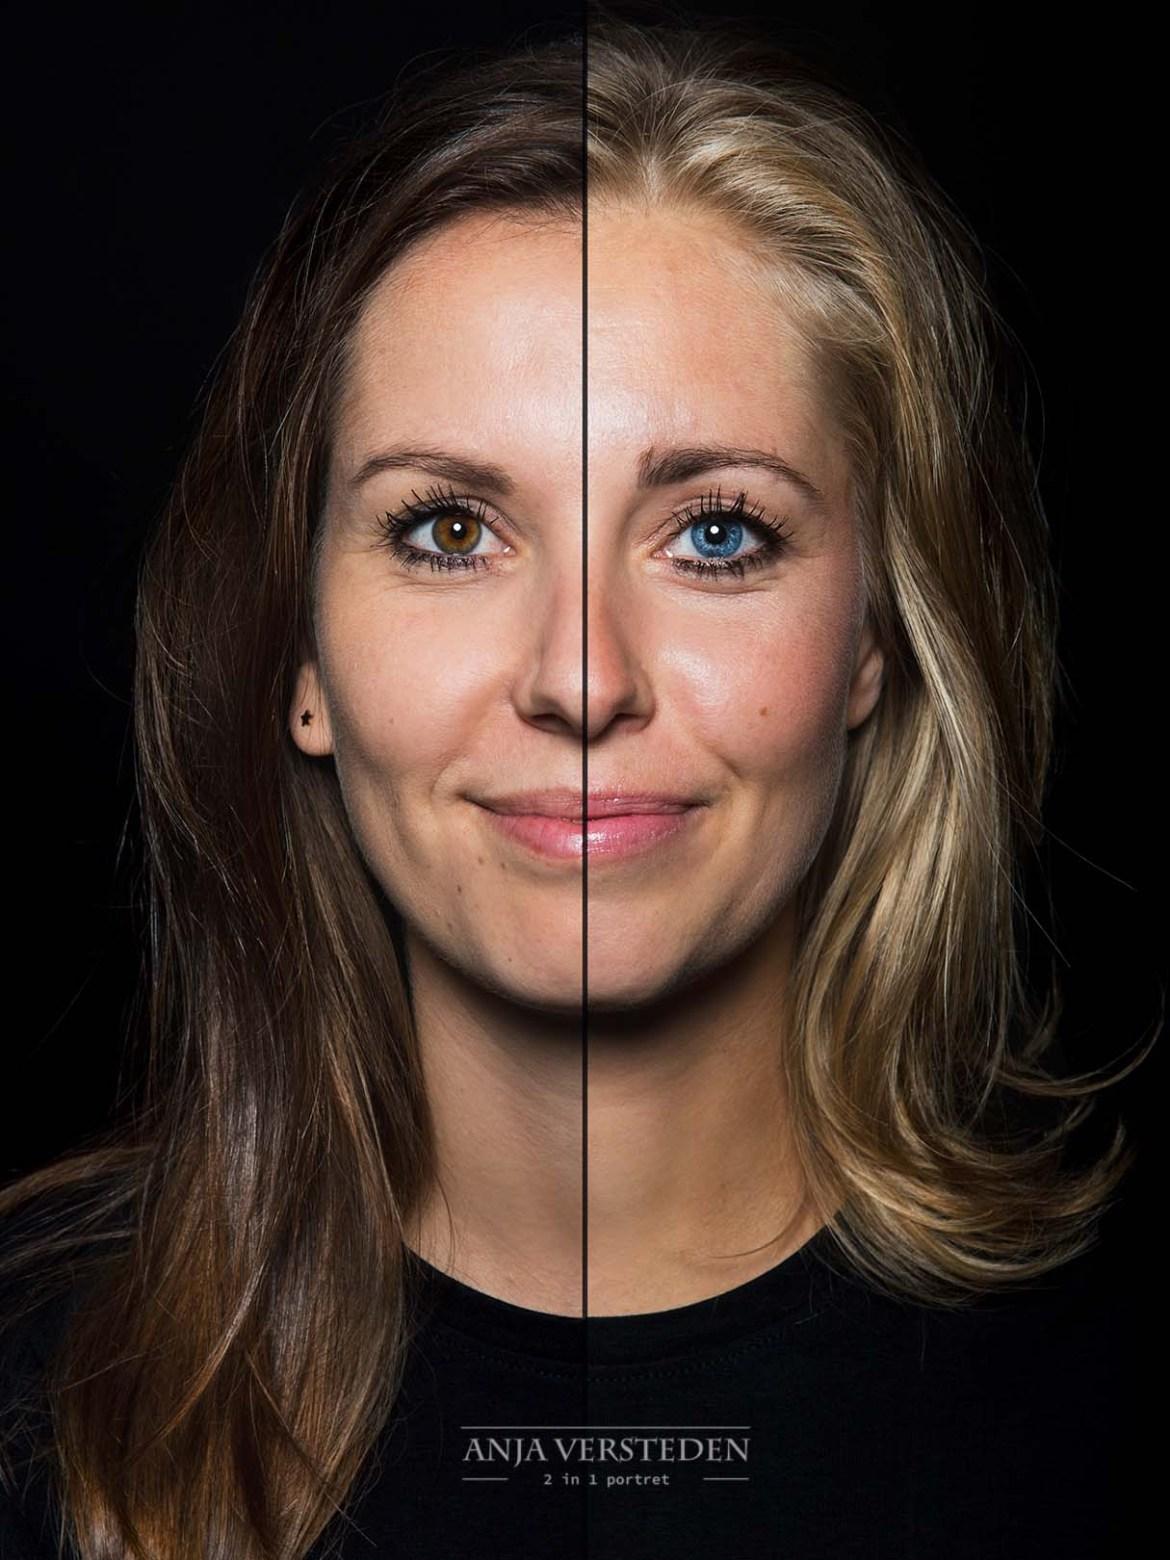 2 gezichten in 1 foto   2in1 portret